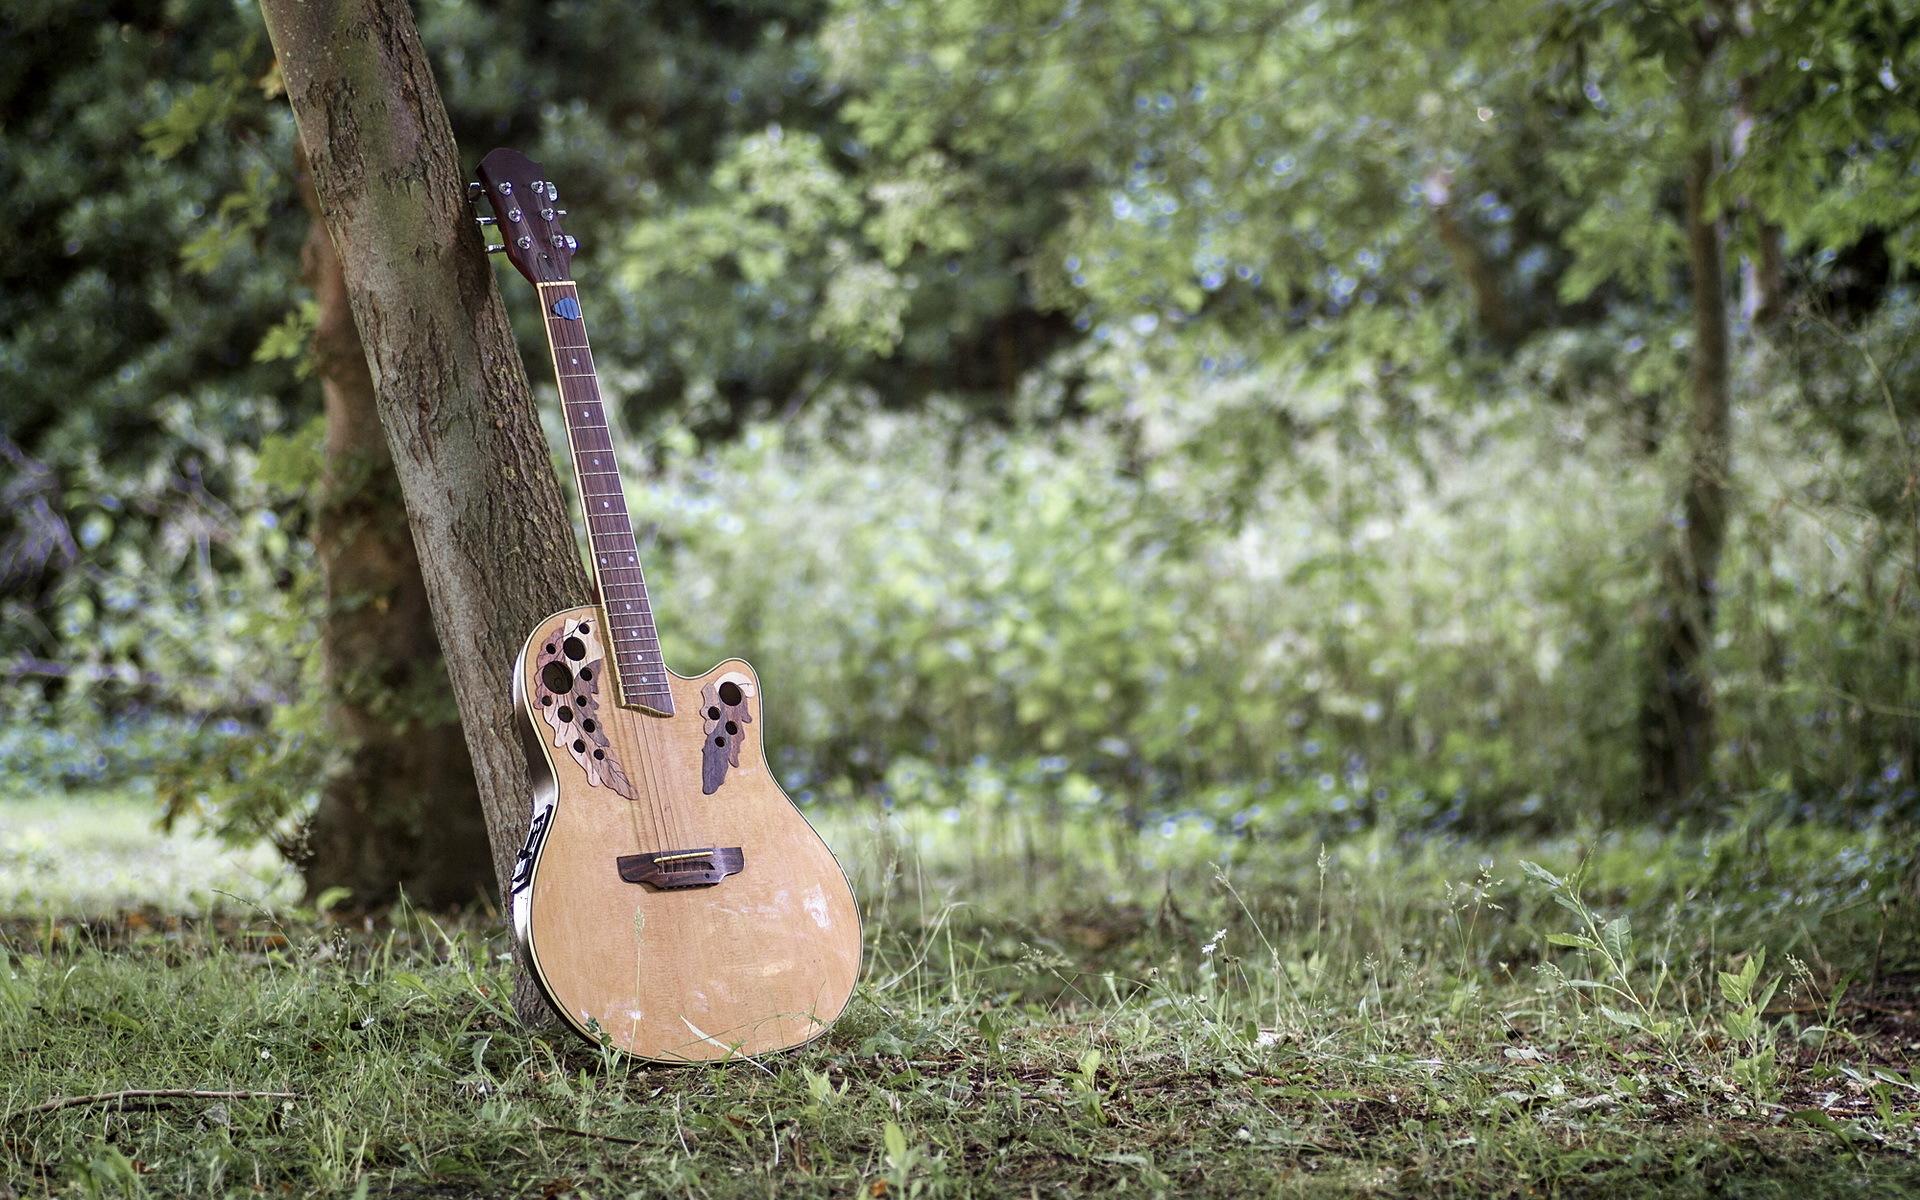 парень гитара мужчина природа дерево  № 3470142 бесплатно